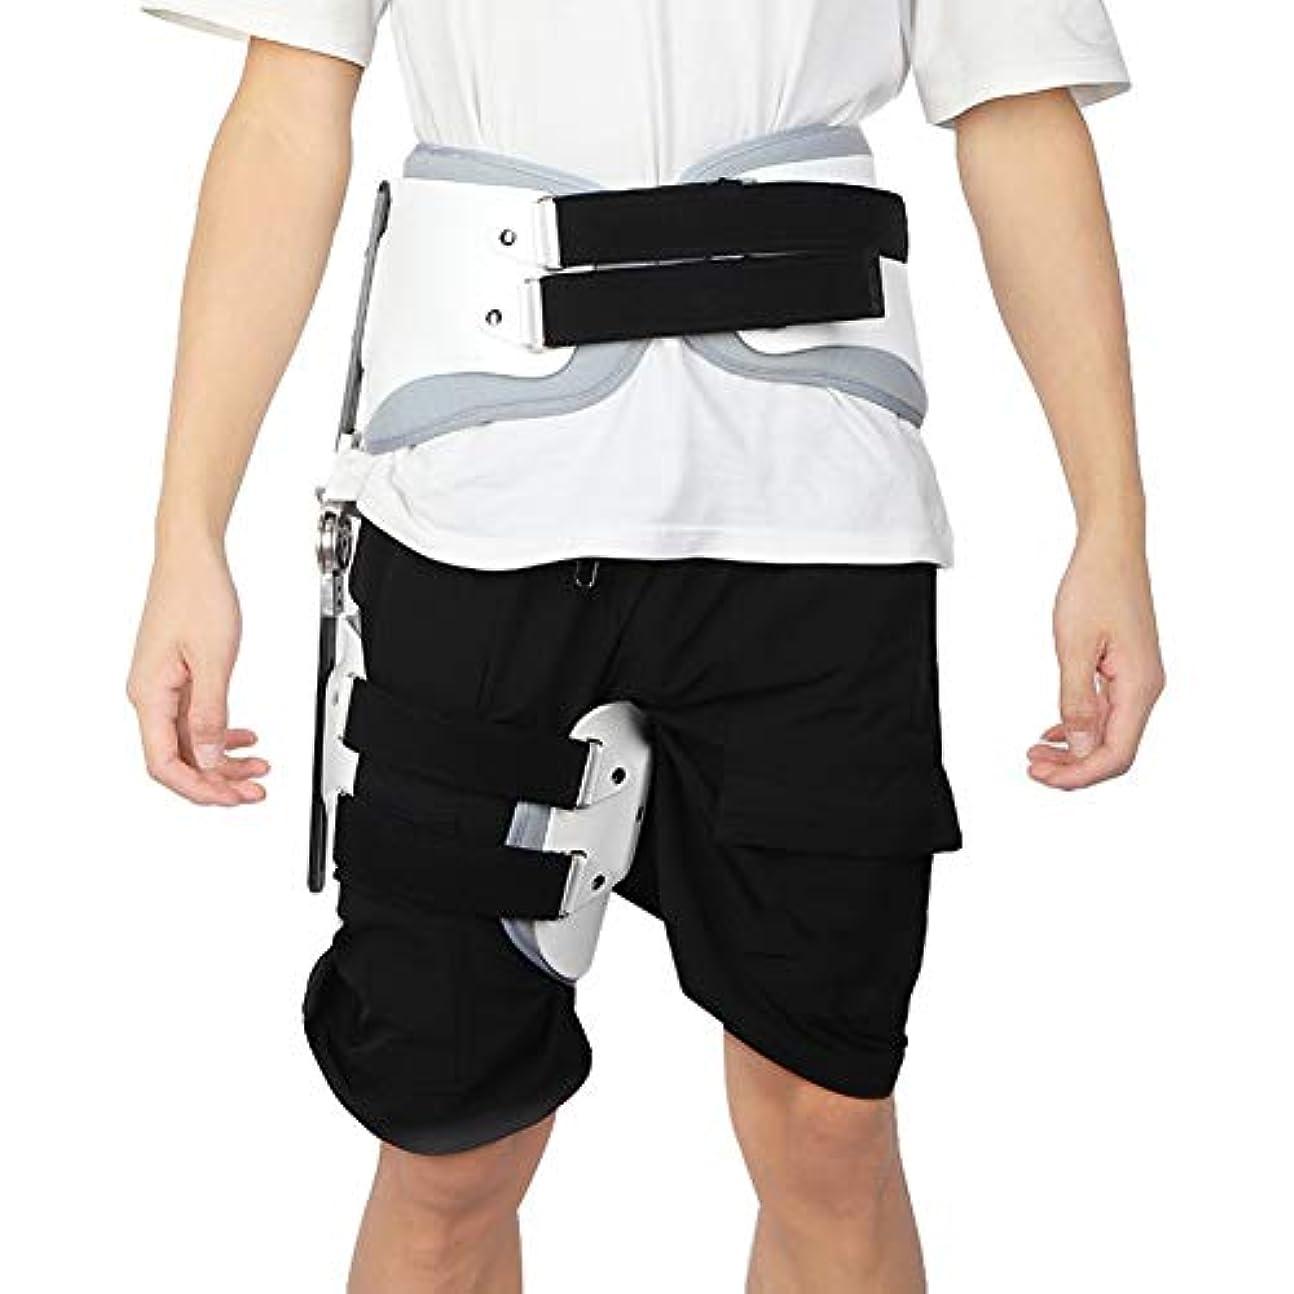 股関節装具股関節保護固定装置